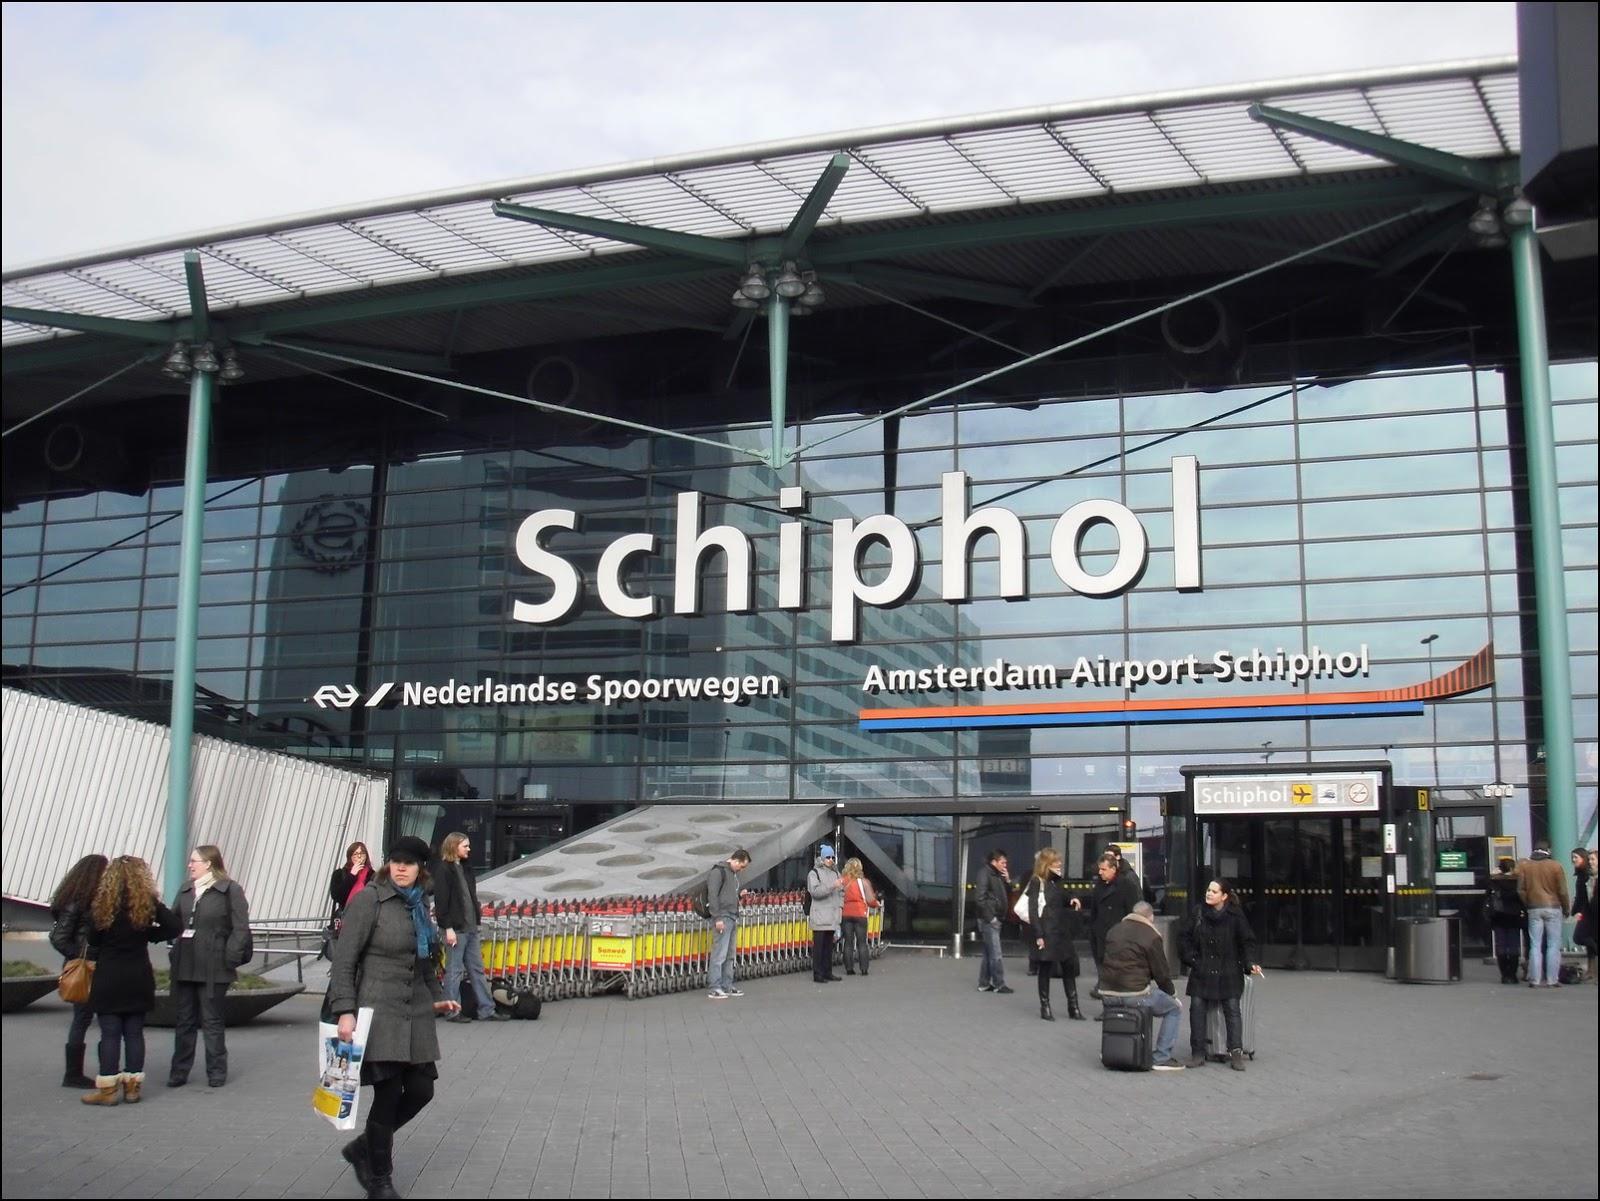 Аэропорт «Схипхол». Фото straatkaart.nl.